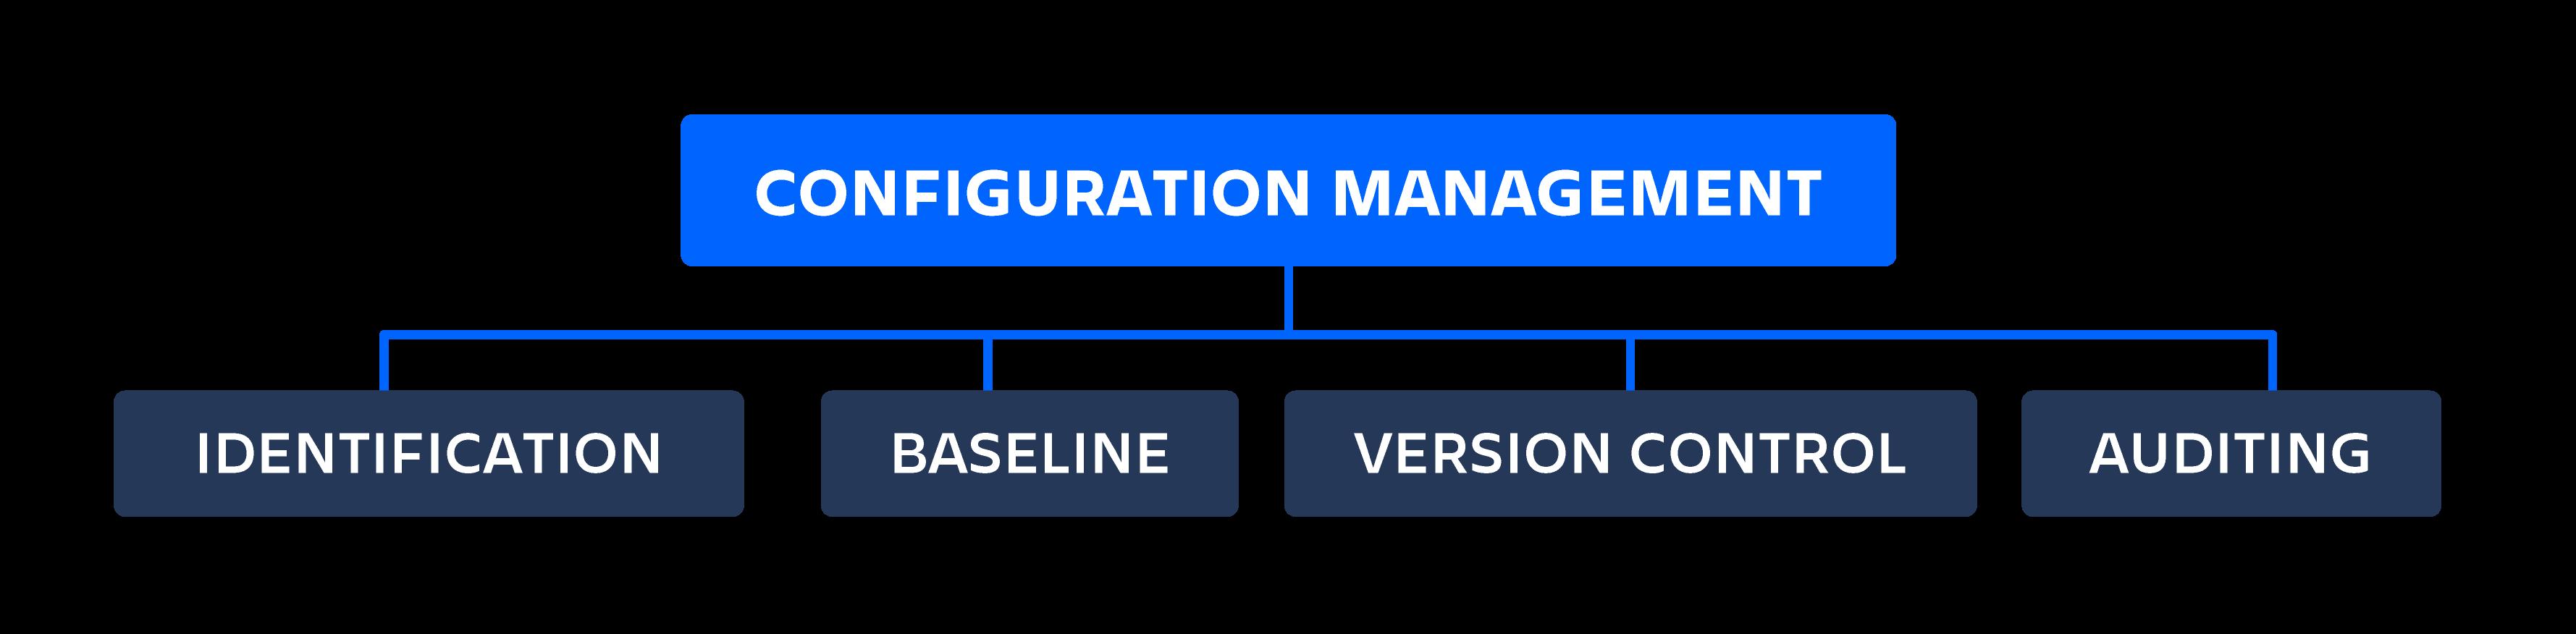 Схема управления конфигурацией